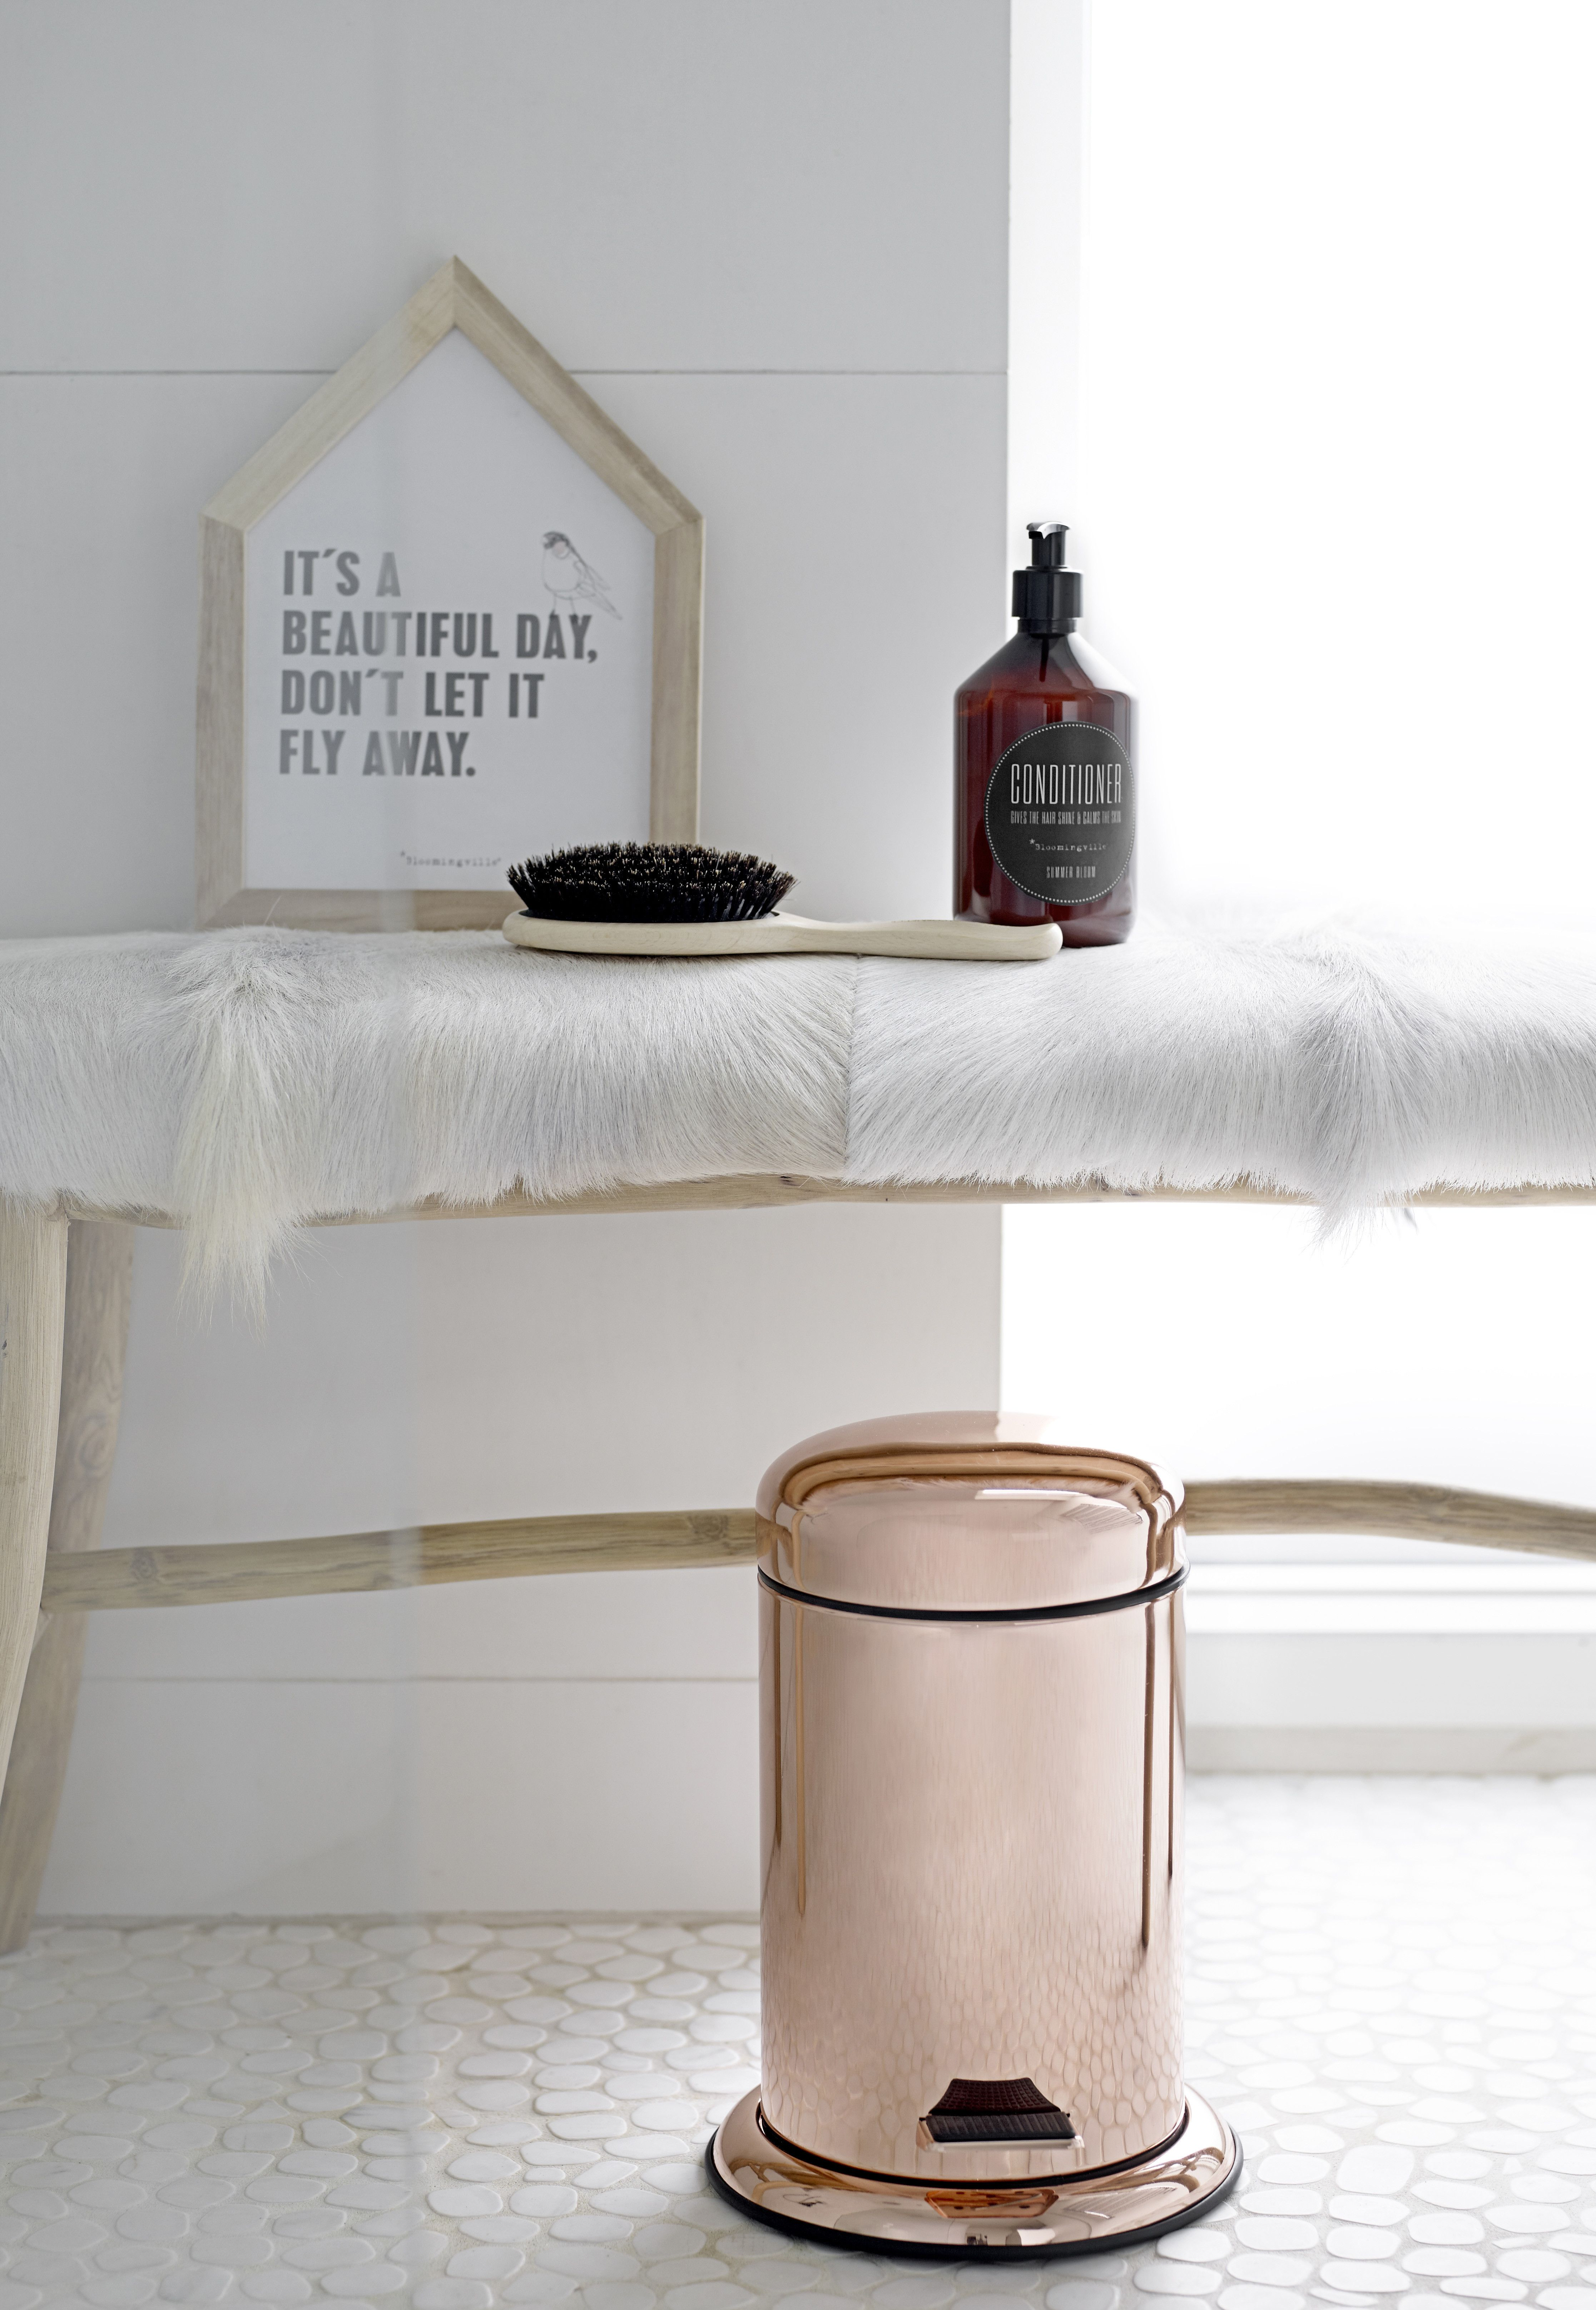 J Aime Cette Photo Sur Deco Fr Et Vous Poubelle Salle De Bain Deco Salle De Bain Deco Mural Scandinave